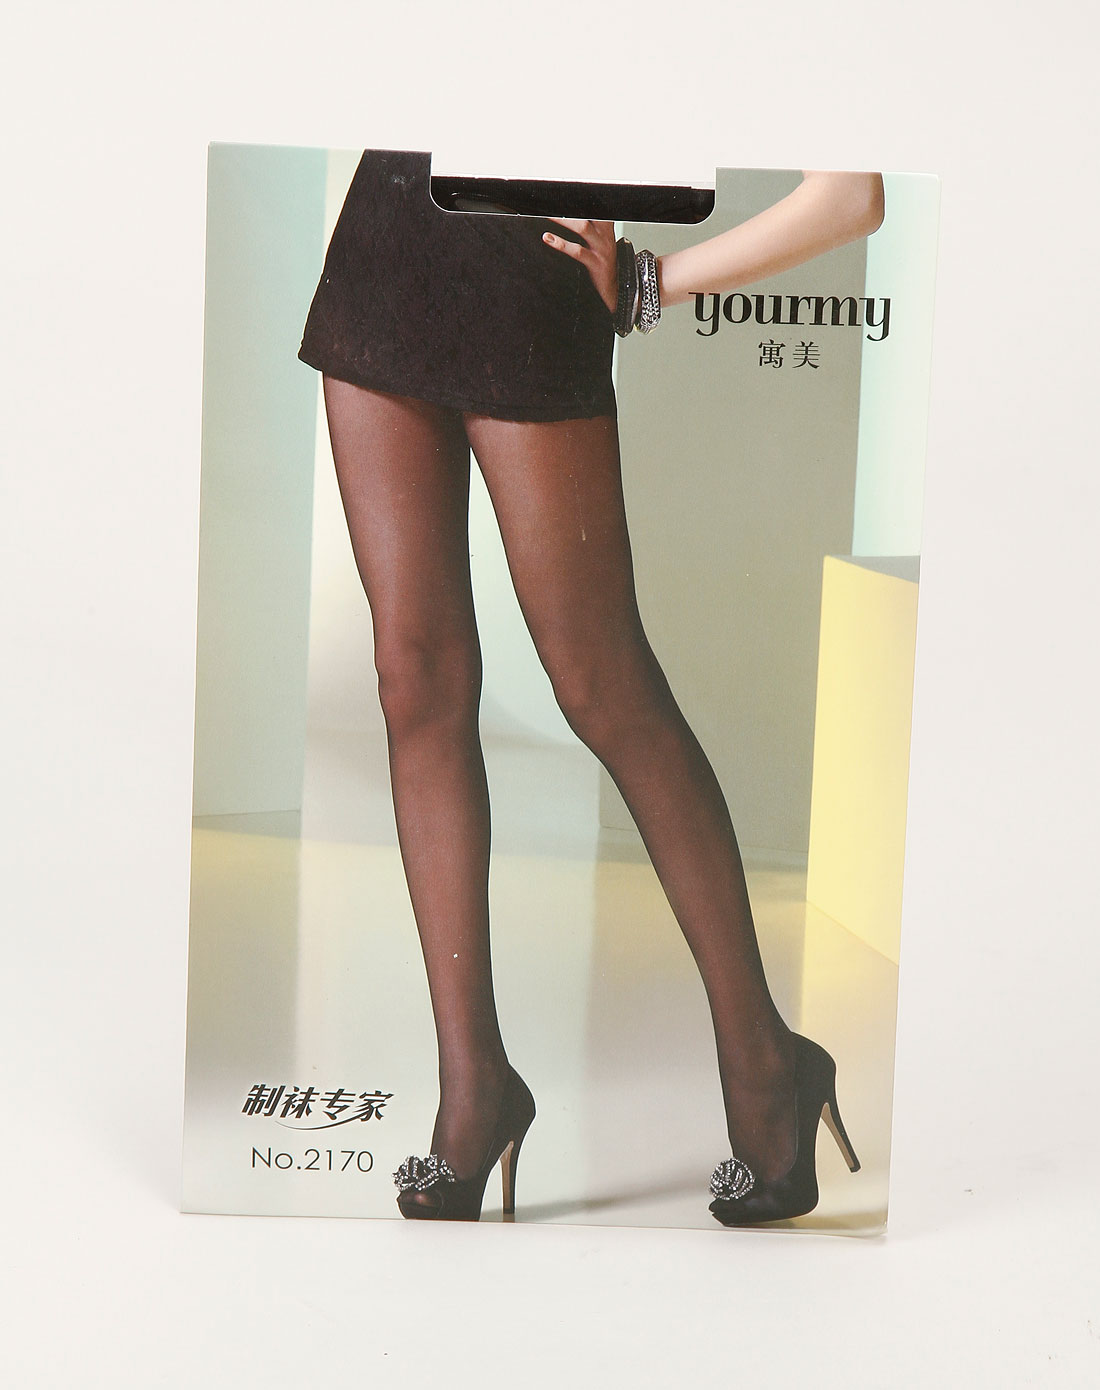 寓美女款黑色任意裁剪超薄天鹅绒连裤袜4170001